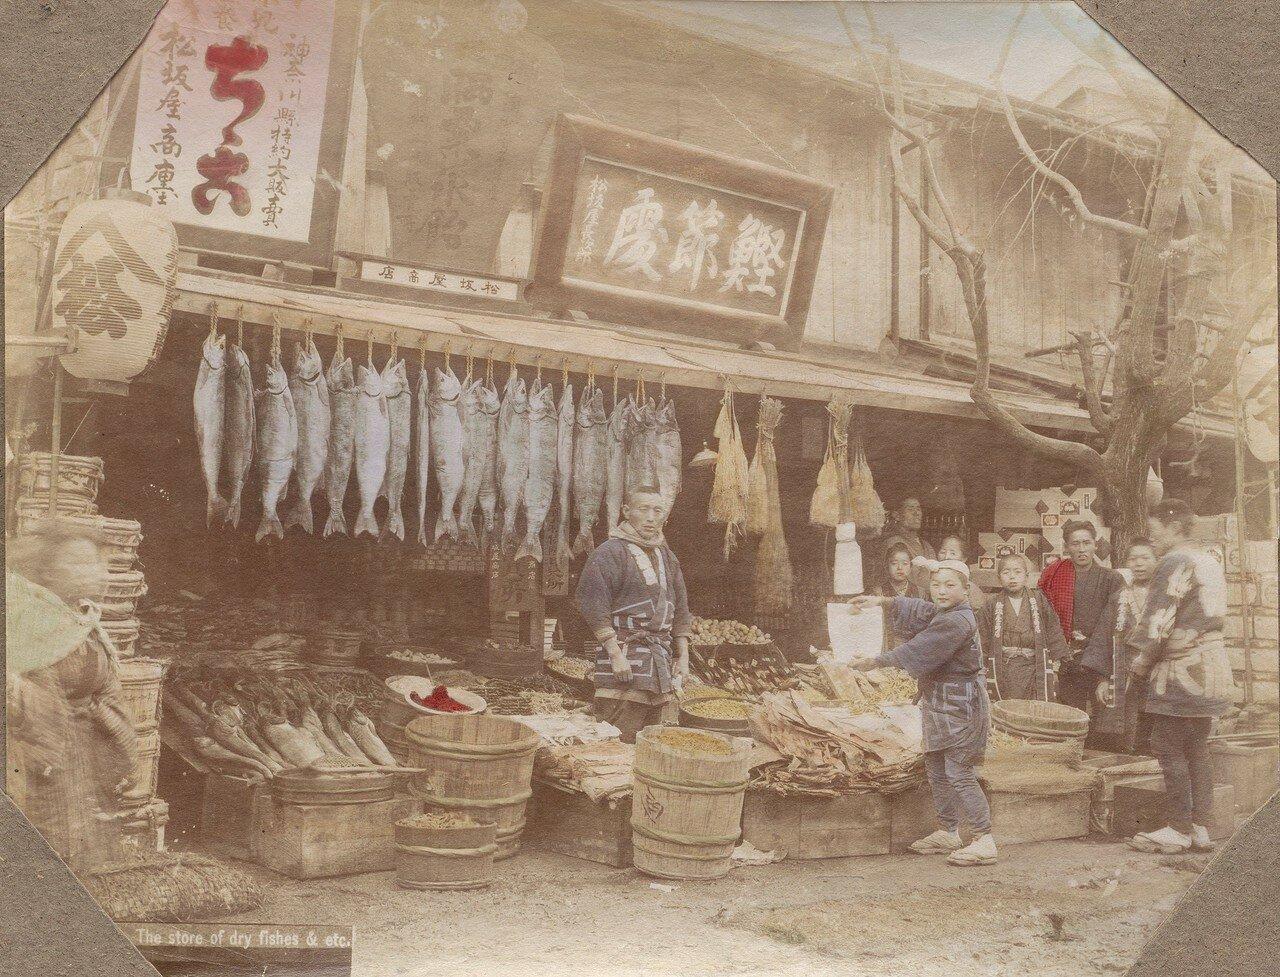 Торговец сушеной рыбой